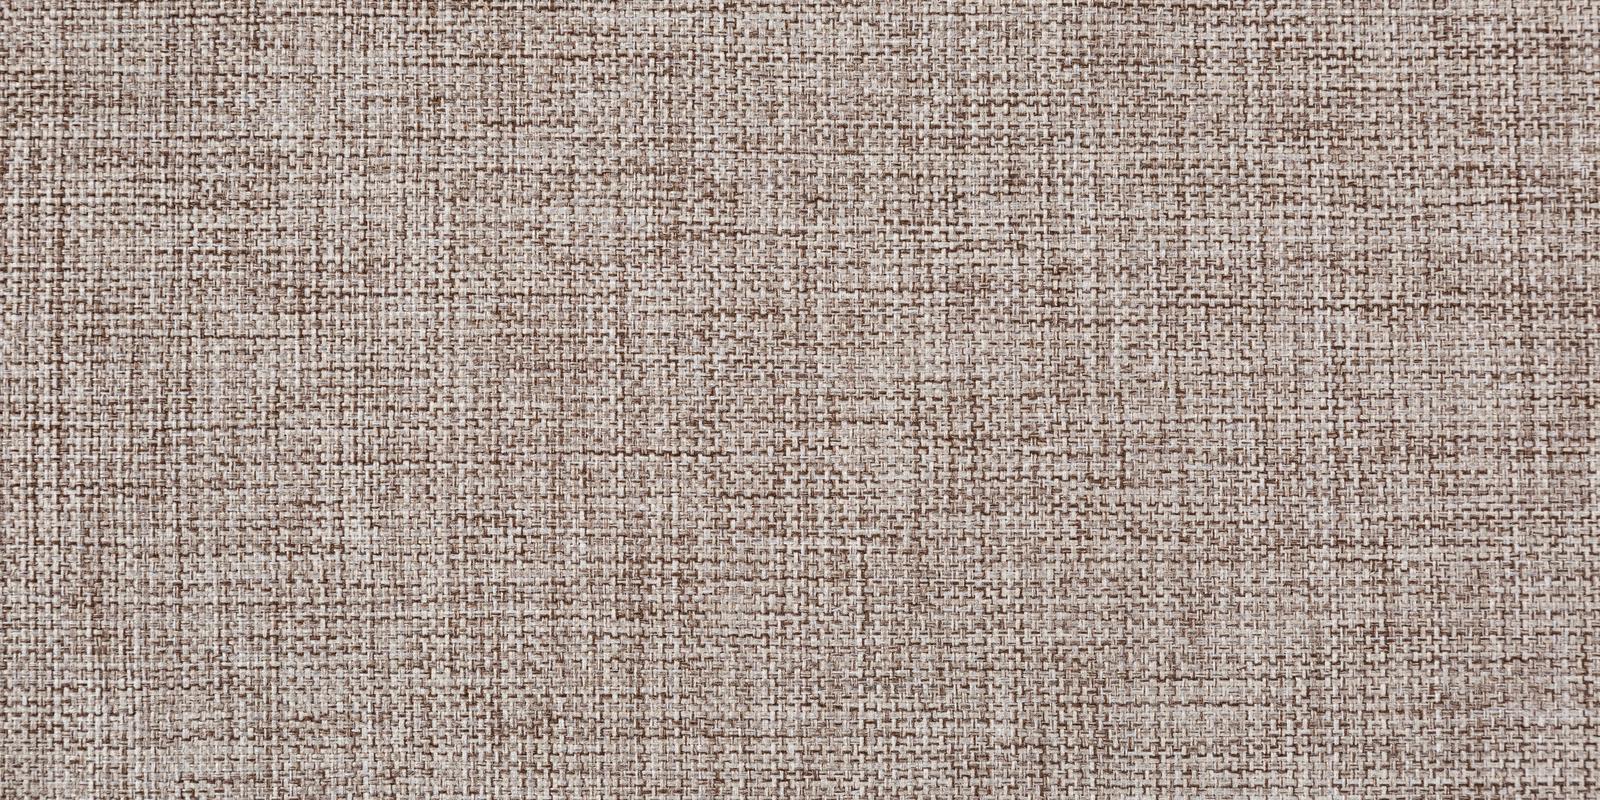 Диван тканевый угловой Амстердам Madagascar темно-бежевый (Рогожка)